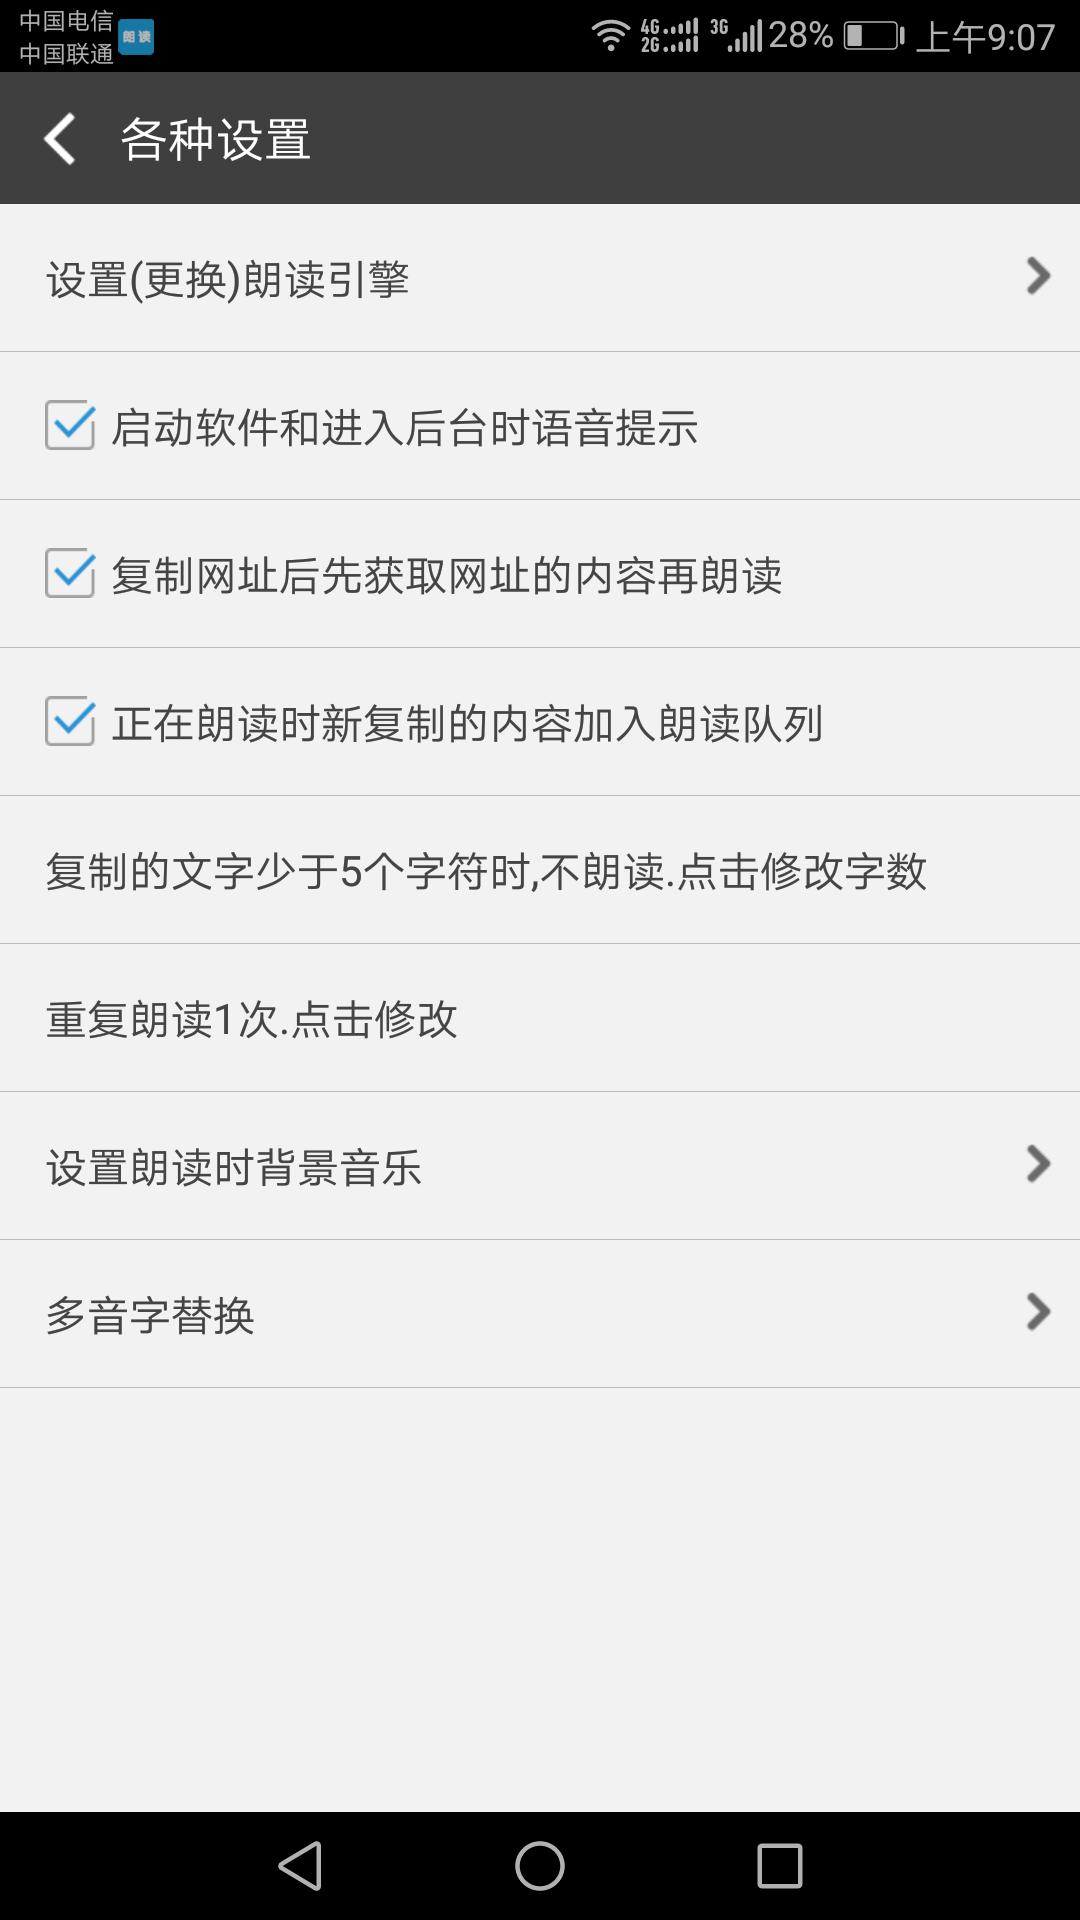 文字朗读神器 V2.4.1 安卓版截图4